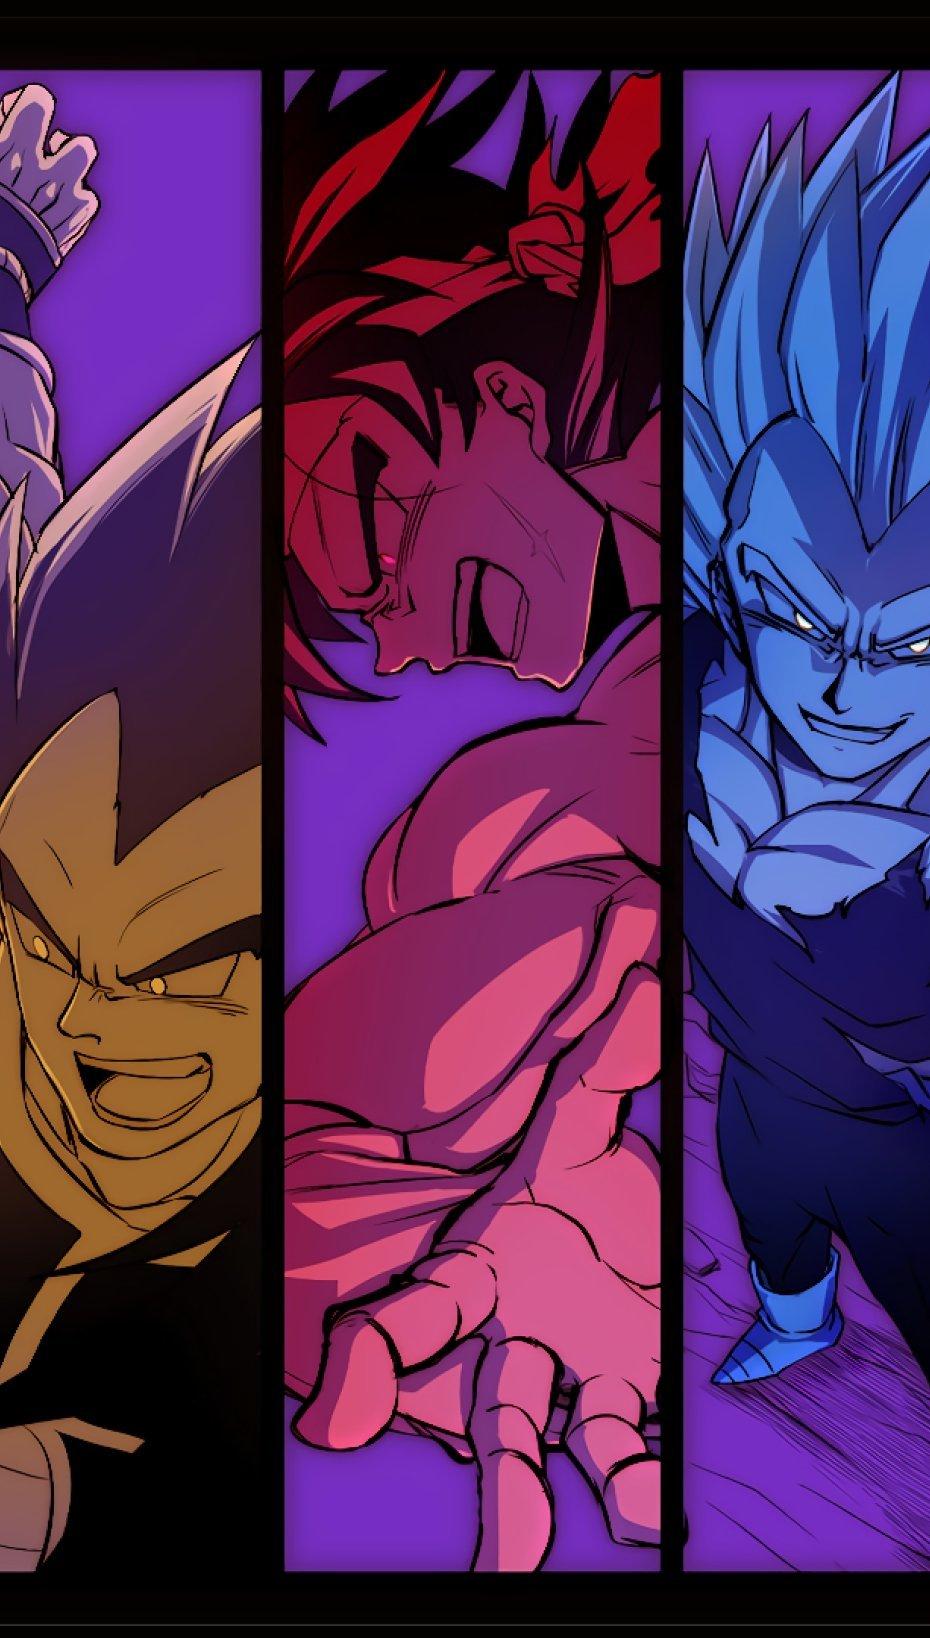 Fondos de pantalla Anime Dragon Ball Personajes Vertical